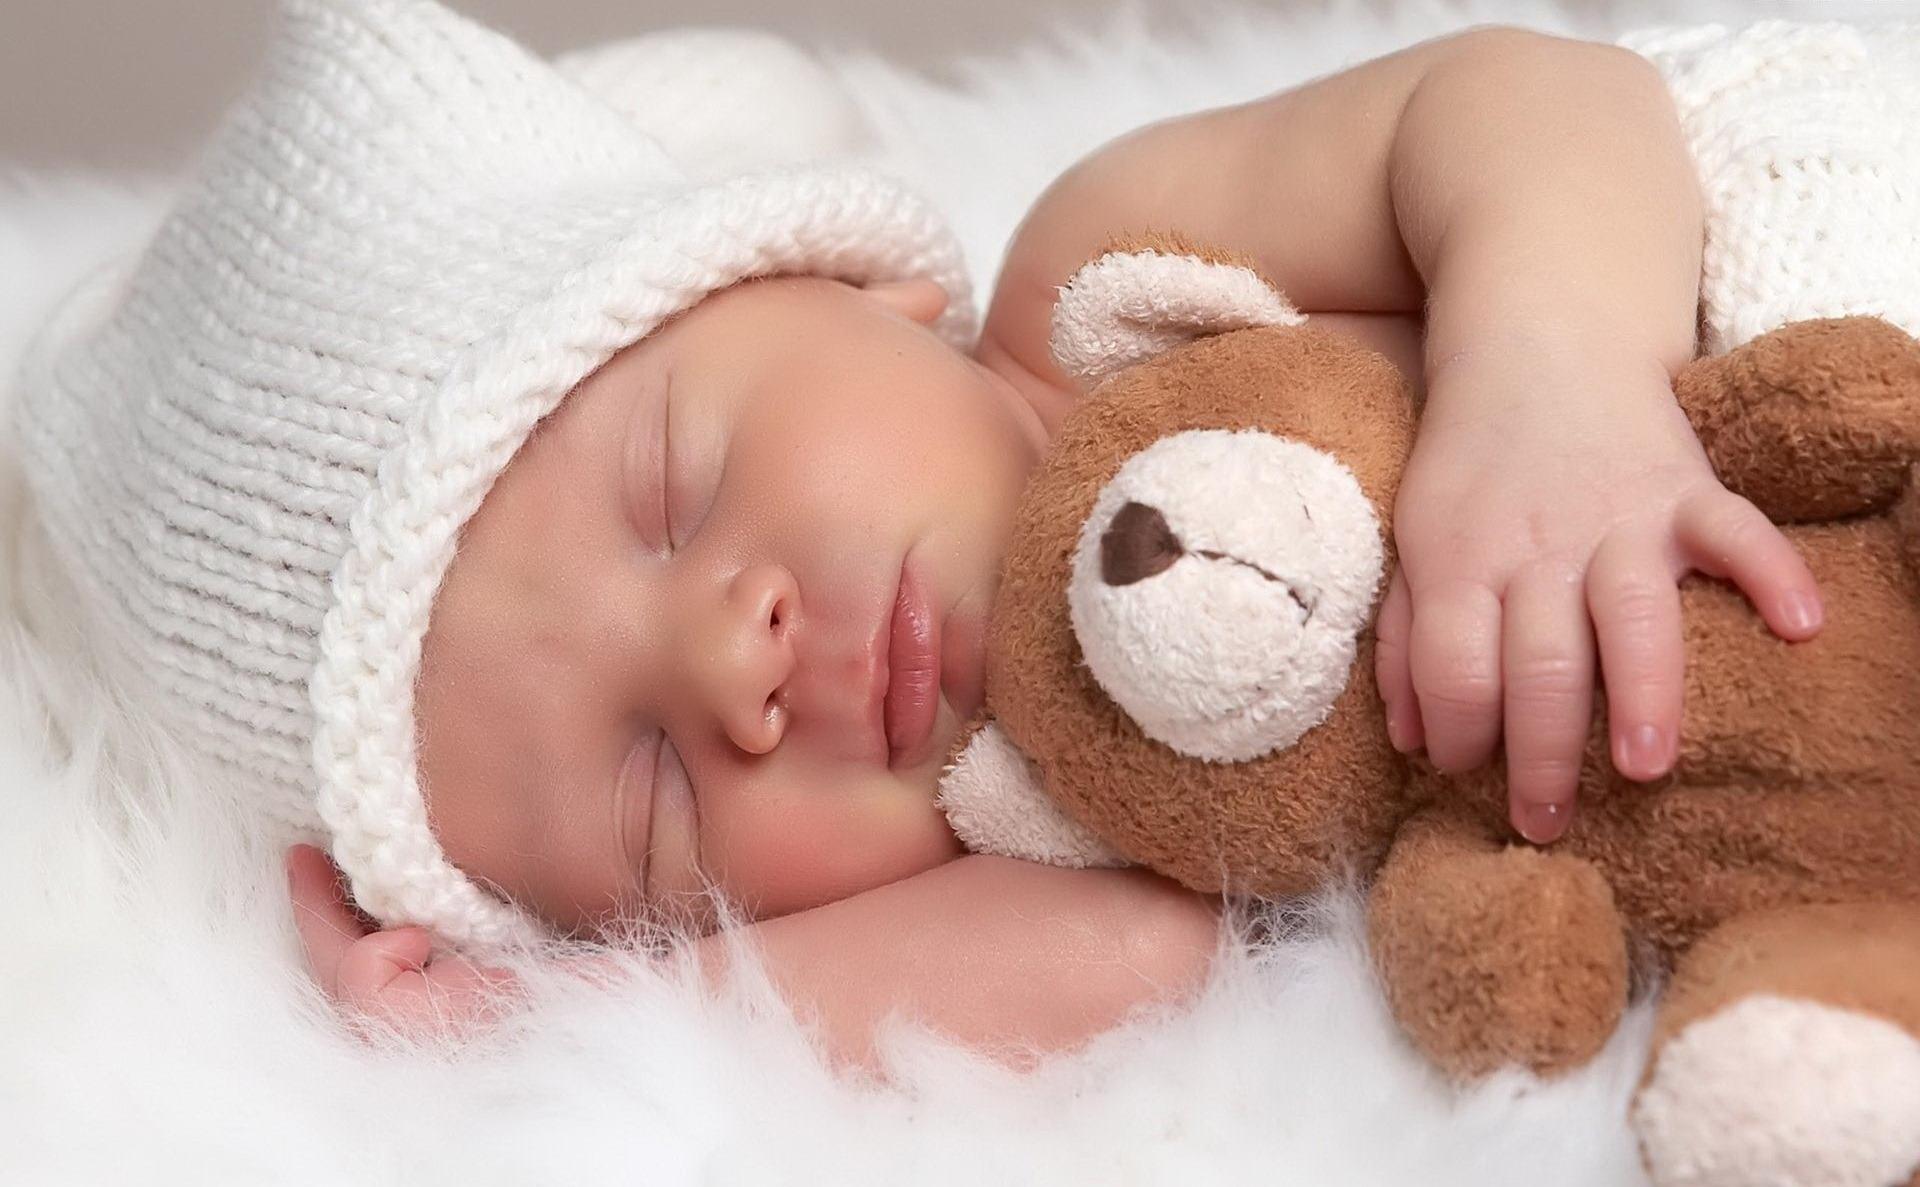 Перша дитина на Закарпатті у 2013 році народилась у Сваляві